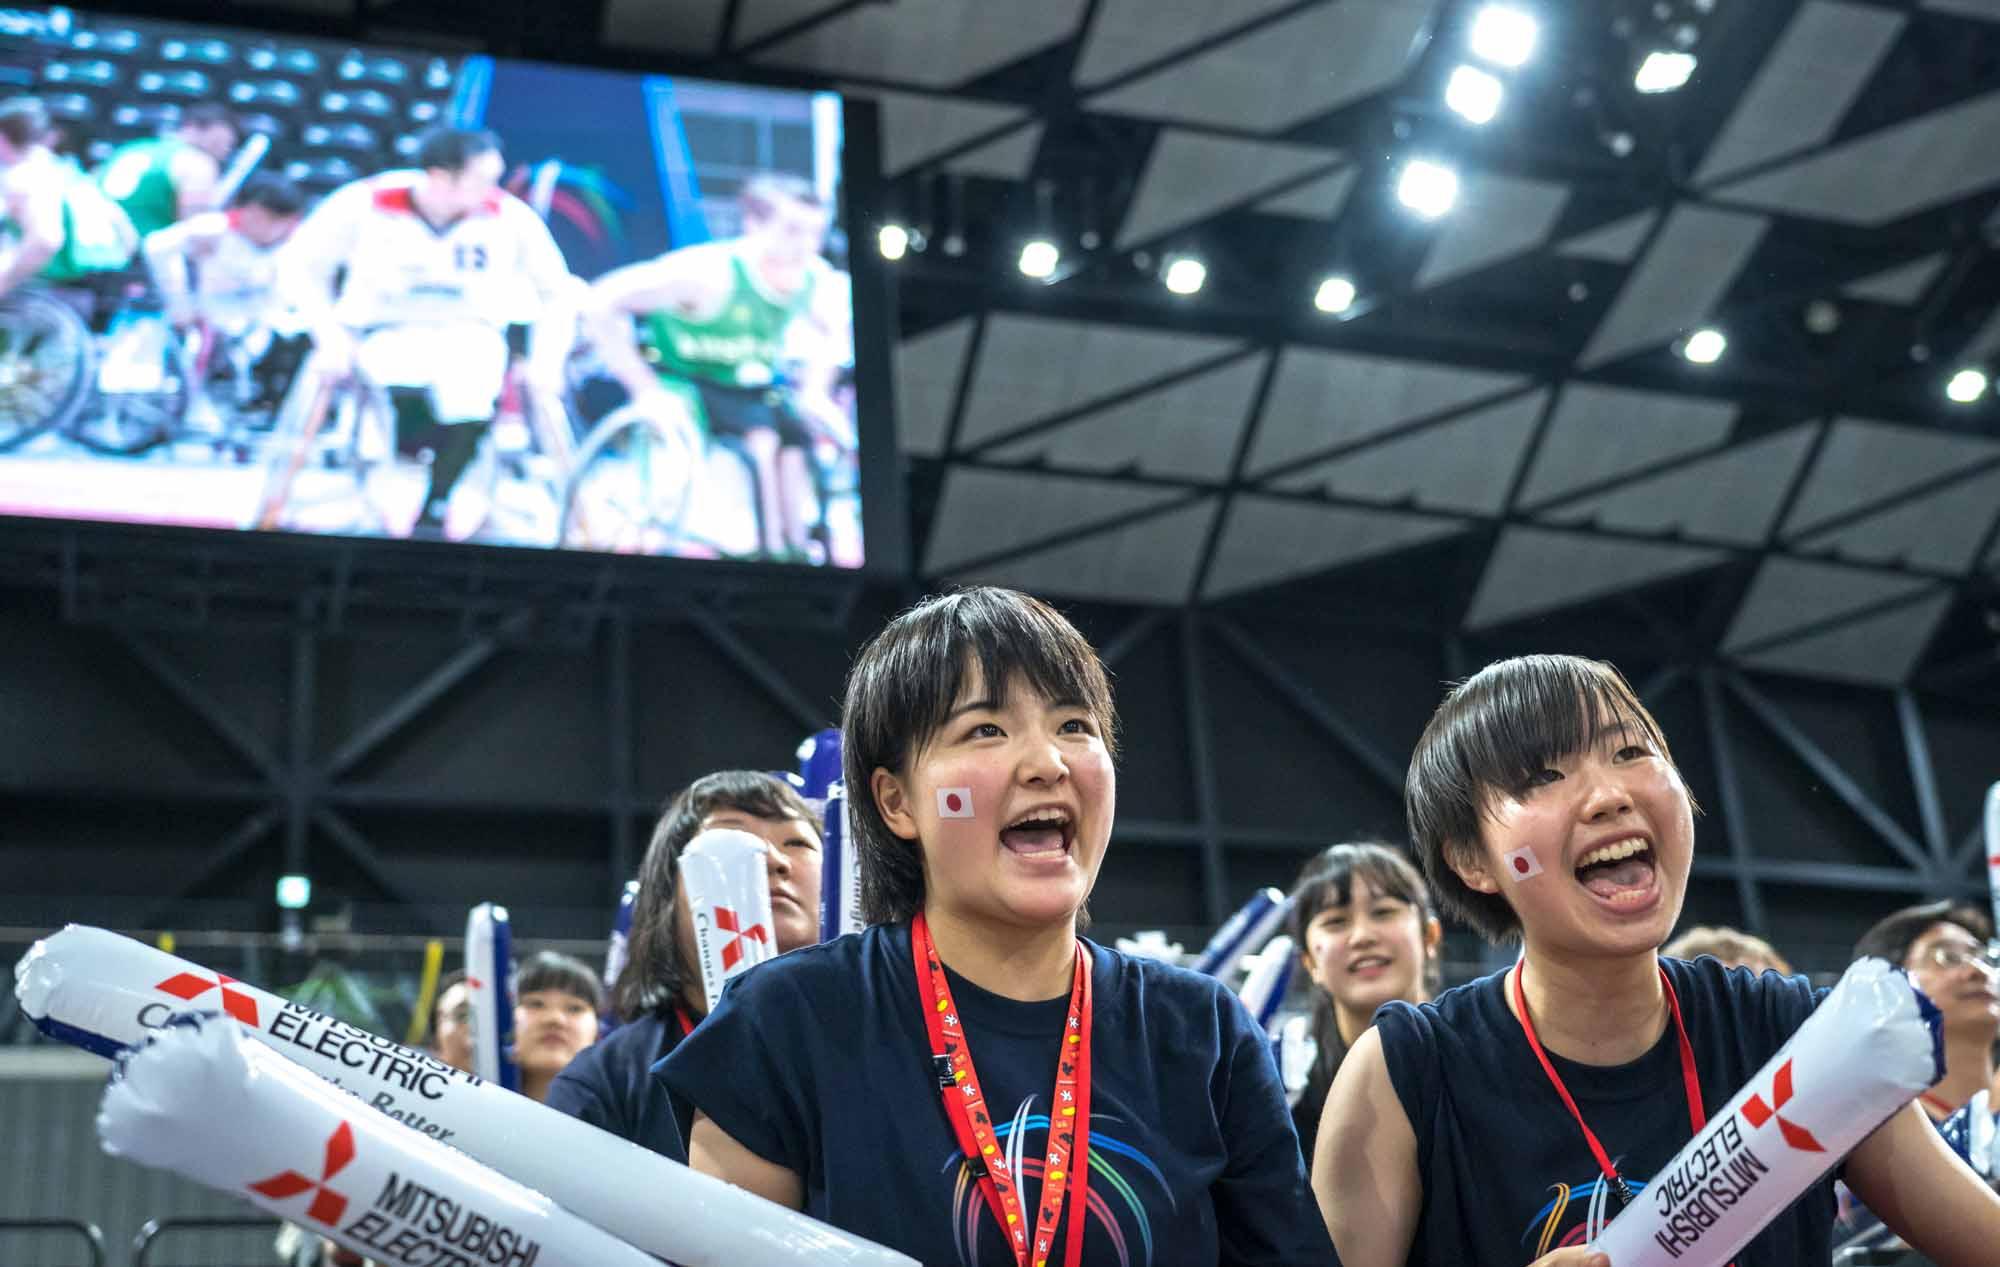 「レッツゴー日本!」の大声援が鳴り響く。「三菱電機 WORLD CHALLENGE CUP 2018」決勝戦